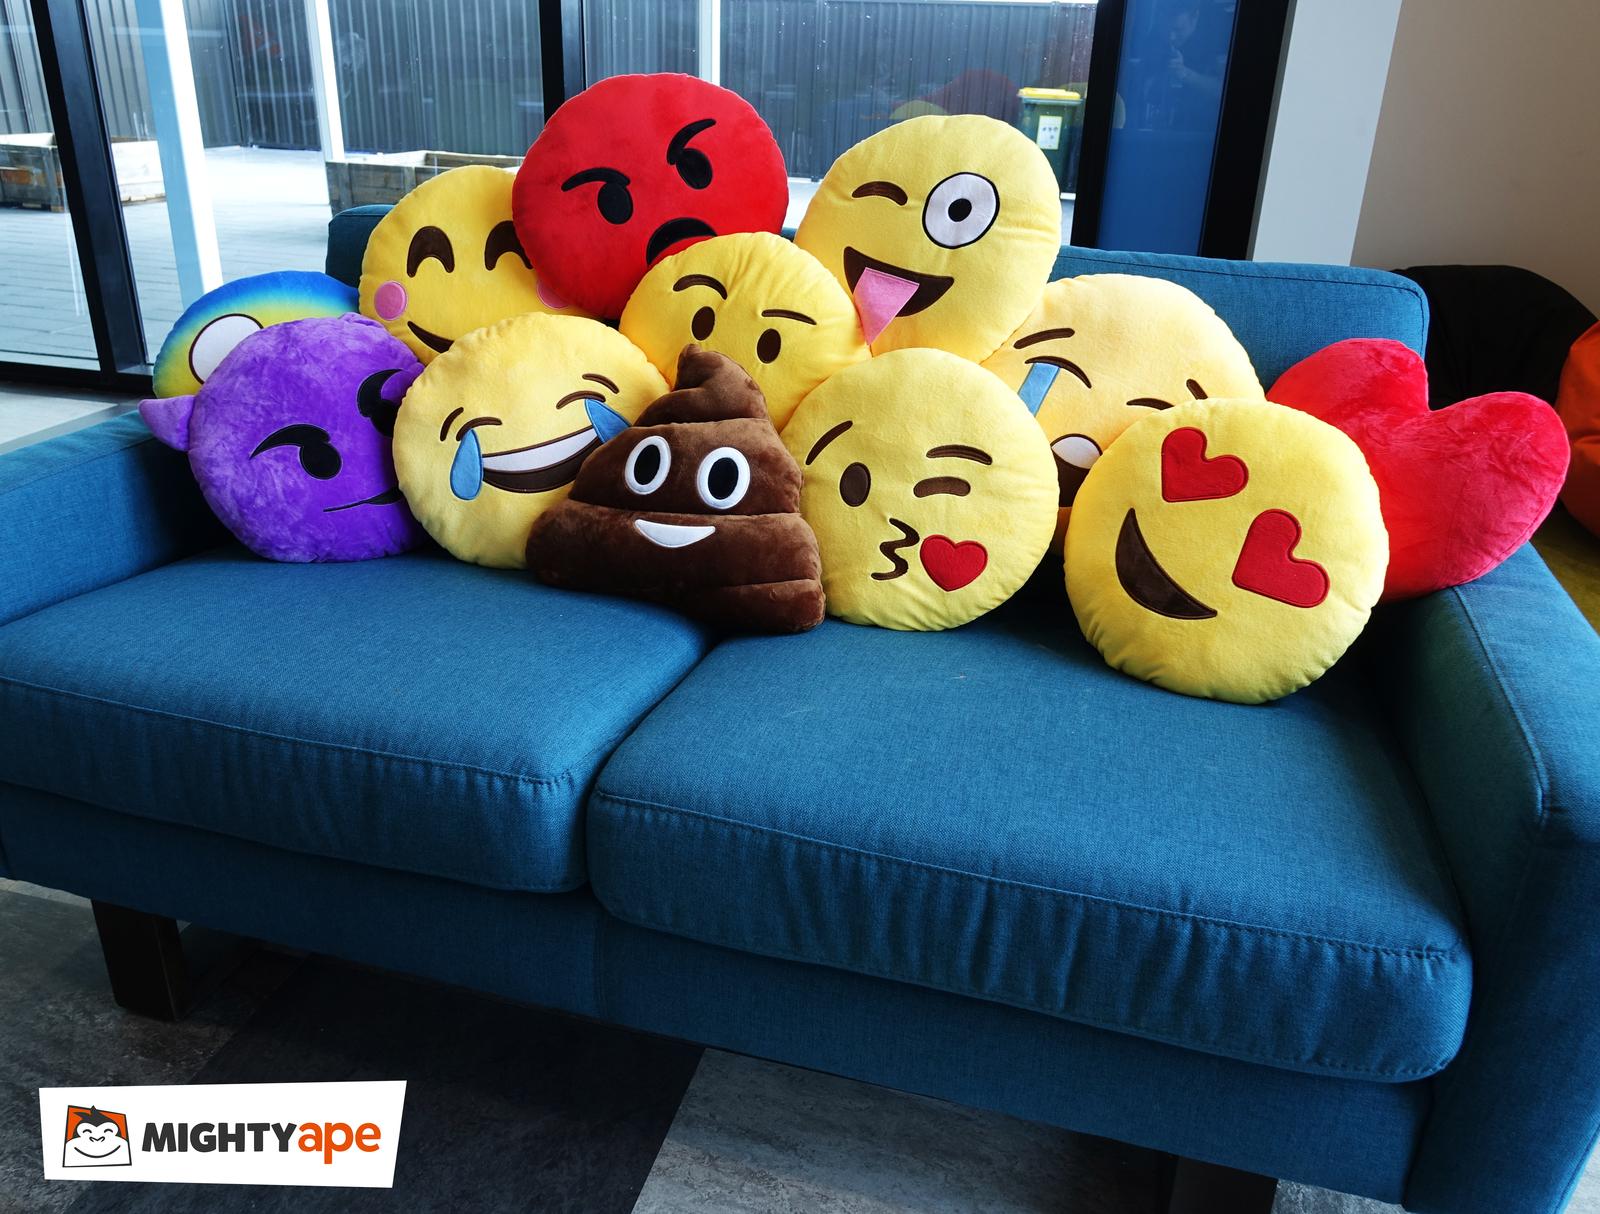 Loudly Crying Face Emoji Cushion - 34cm image